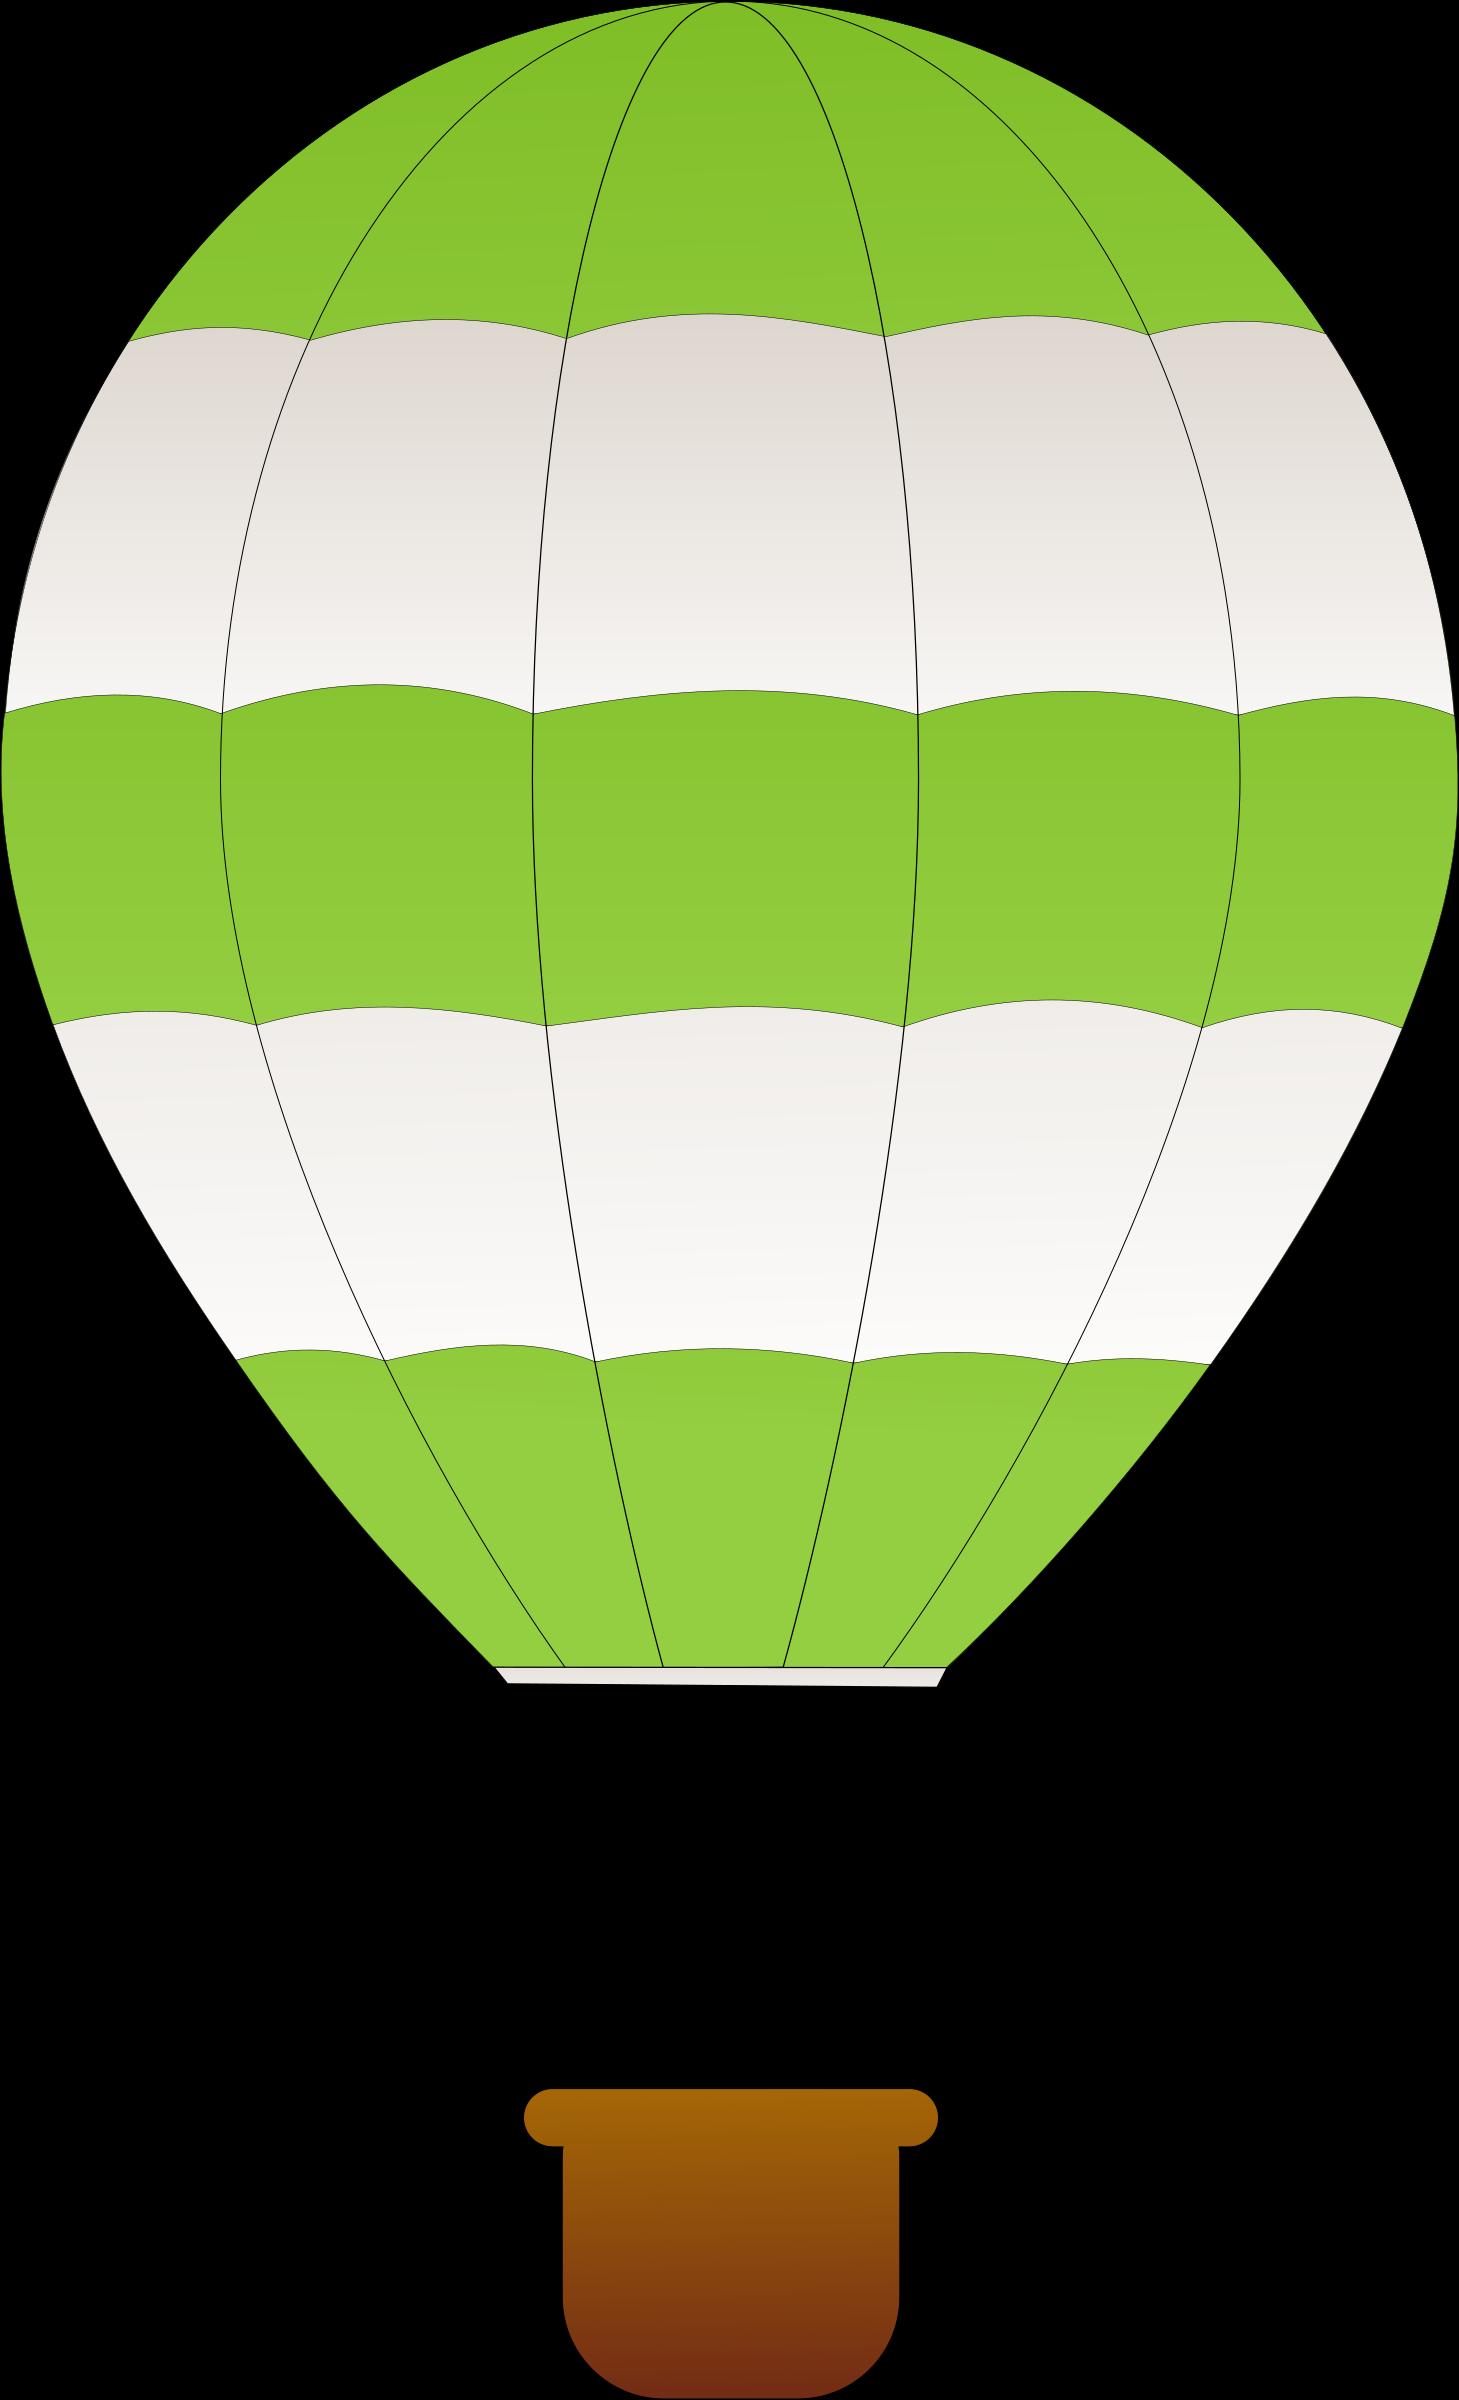 Hot air pdf free. Clipart balloon vector